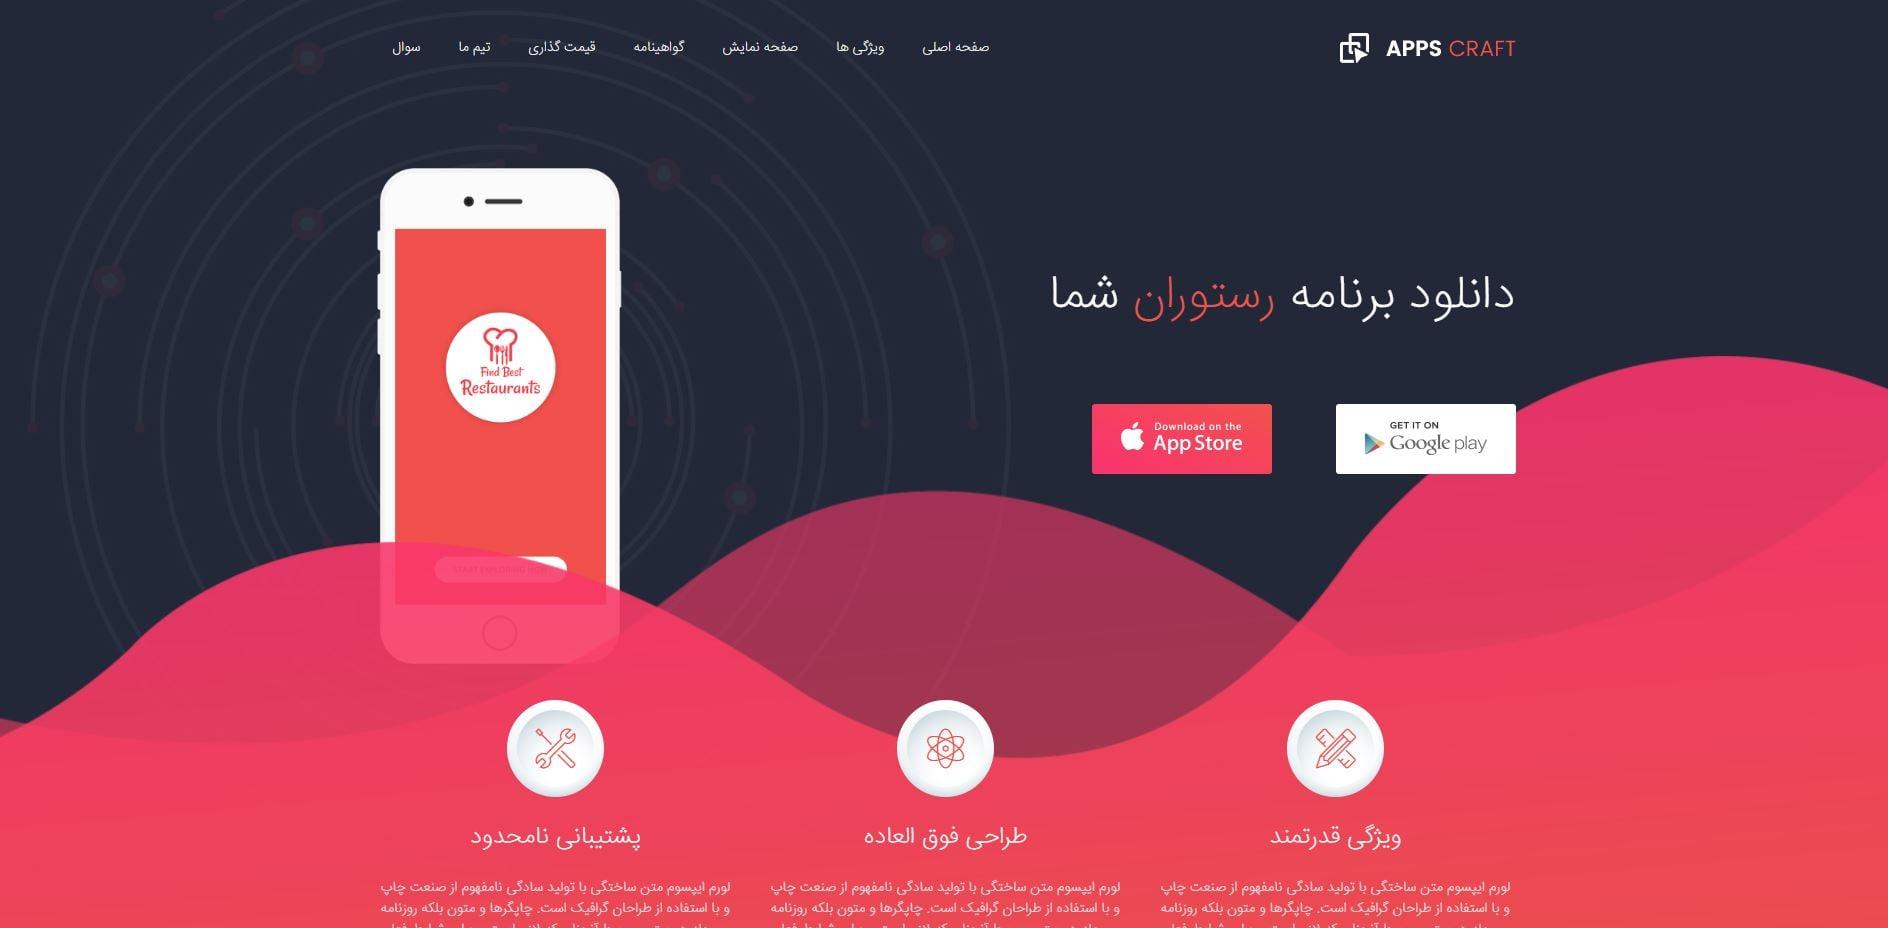 قالب معرفی اپلیکیشن App craft پوسته تک صفحه ای HTML